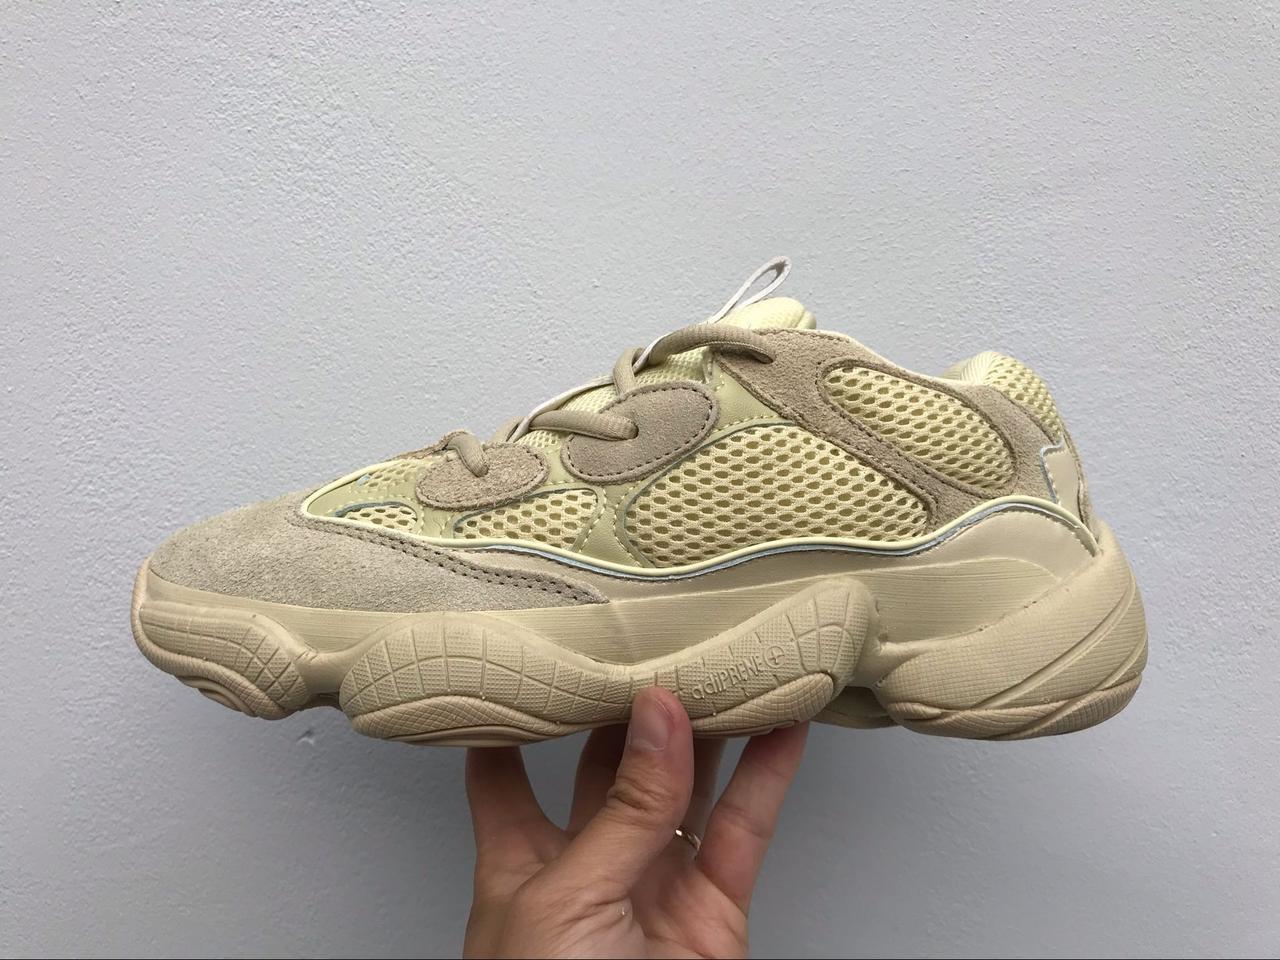 newest cd78c 6193b Кроссовки адидас изи Adidas Yeezy desert Mud Rat 500 бежевые распродажа -  Bigl.ua